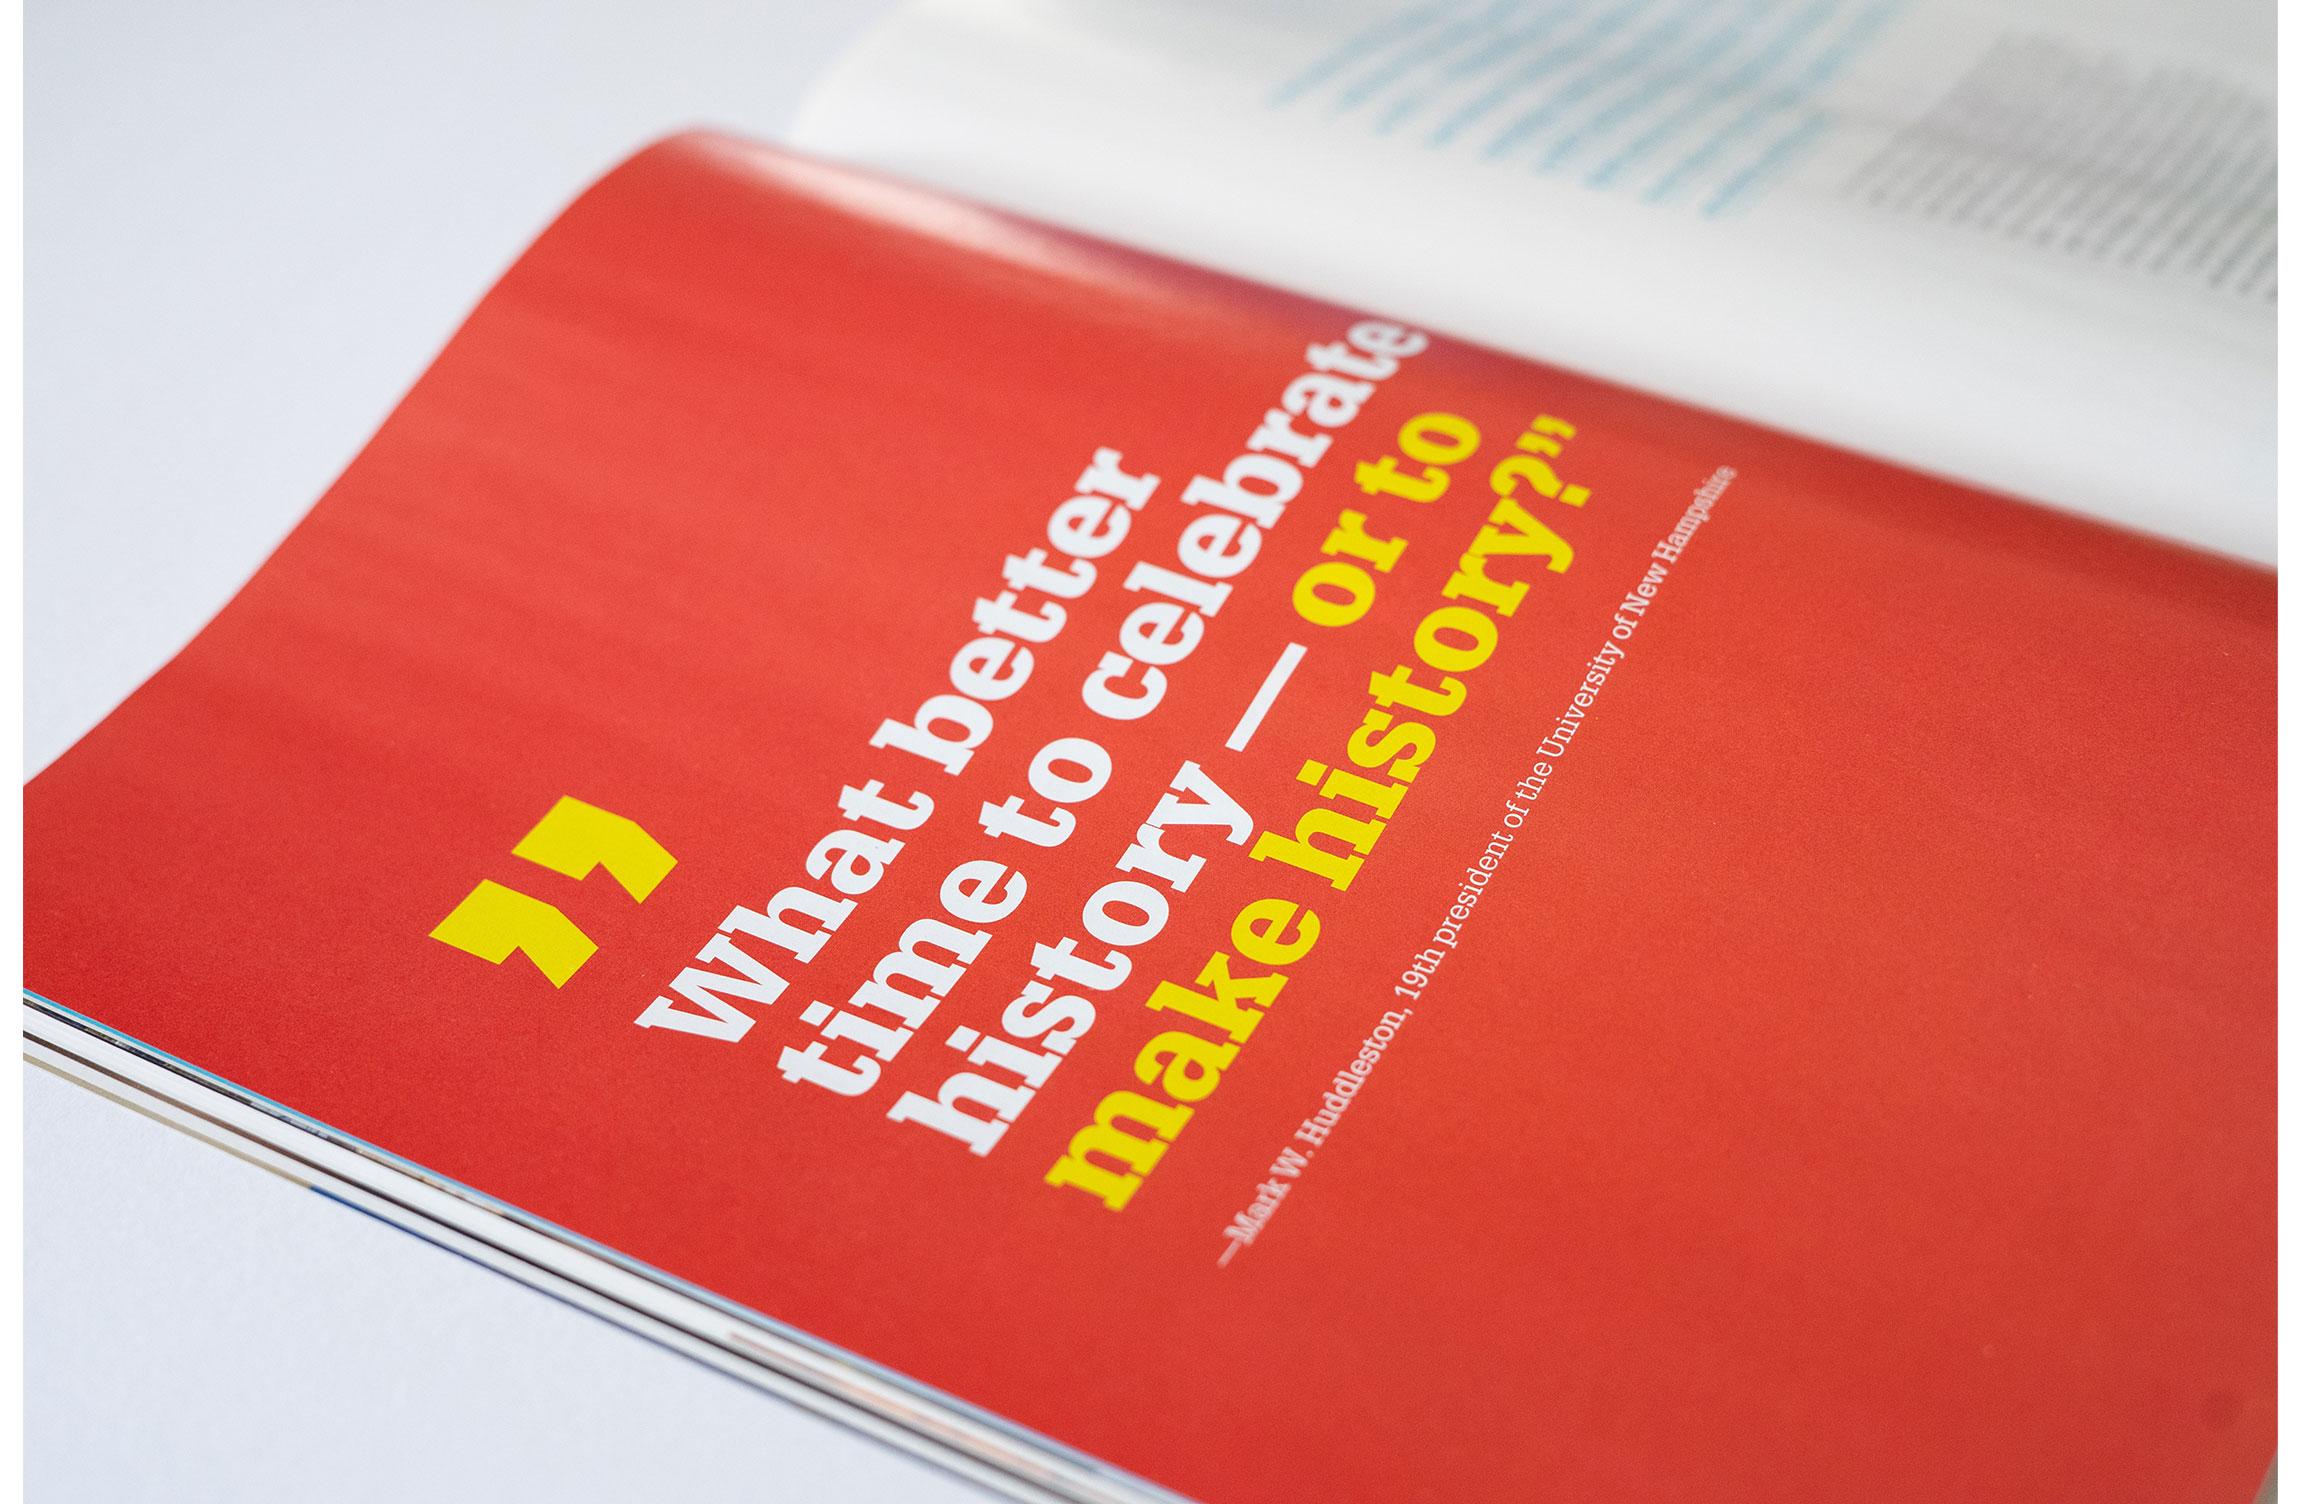 UNH Celebrate 150 Campaign Results Feature Design Spread - Loren Marple